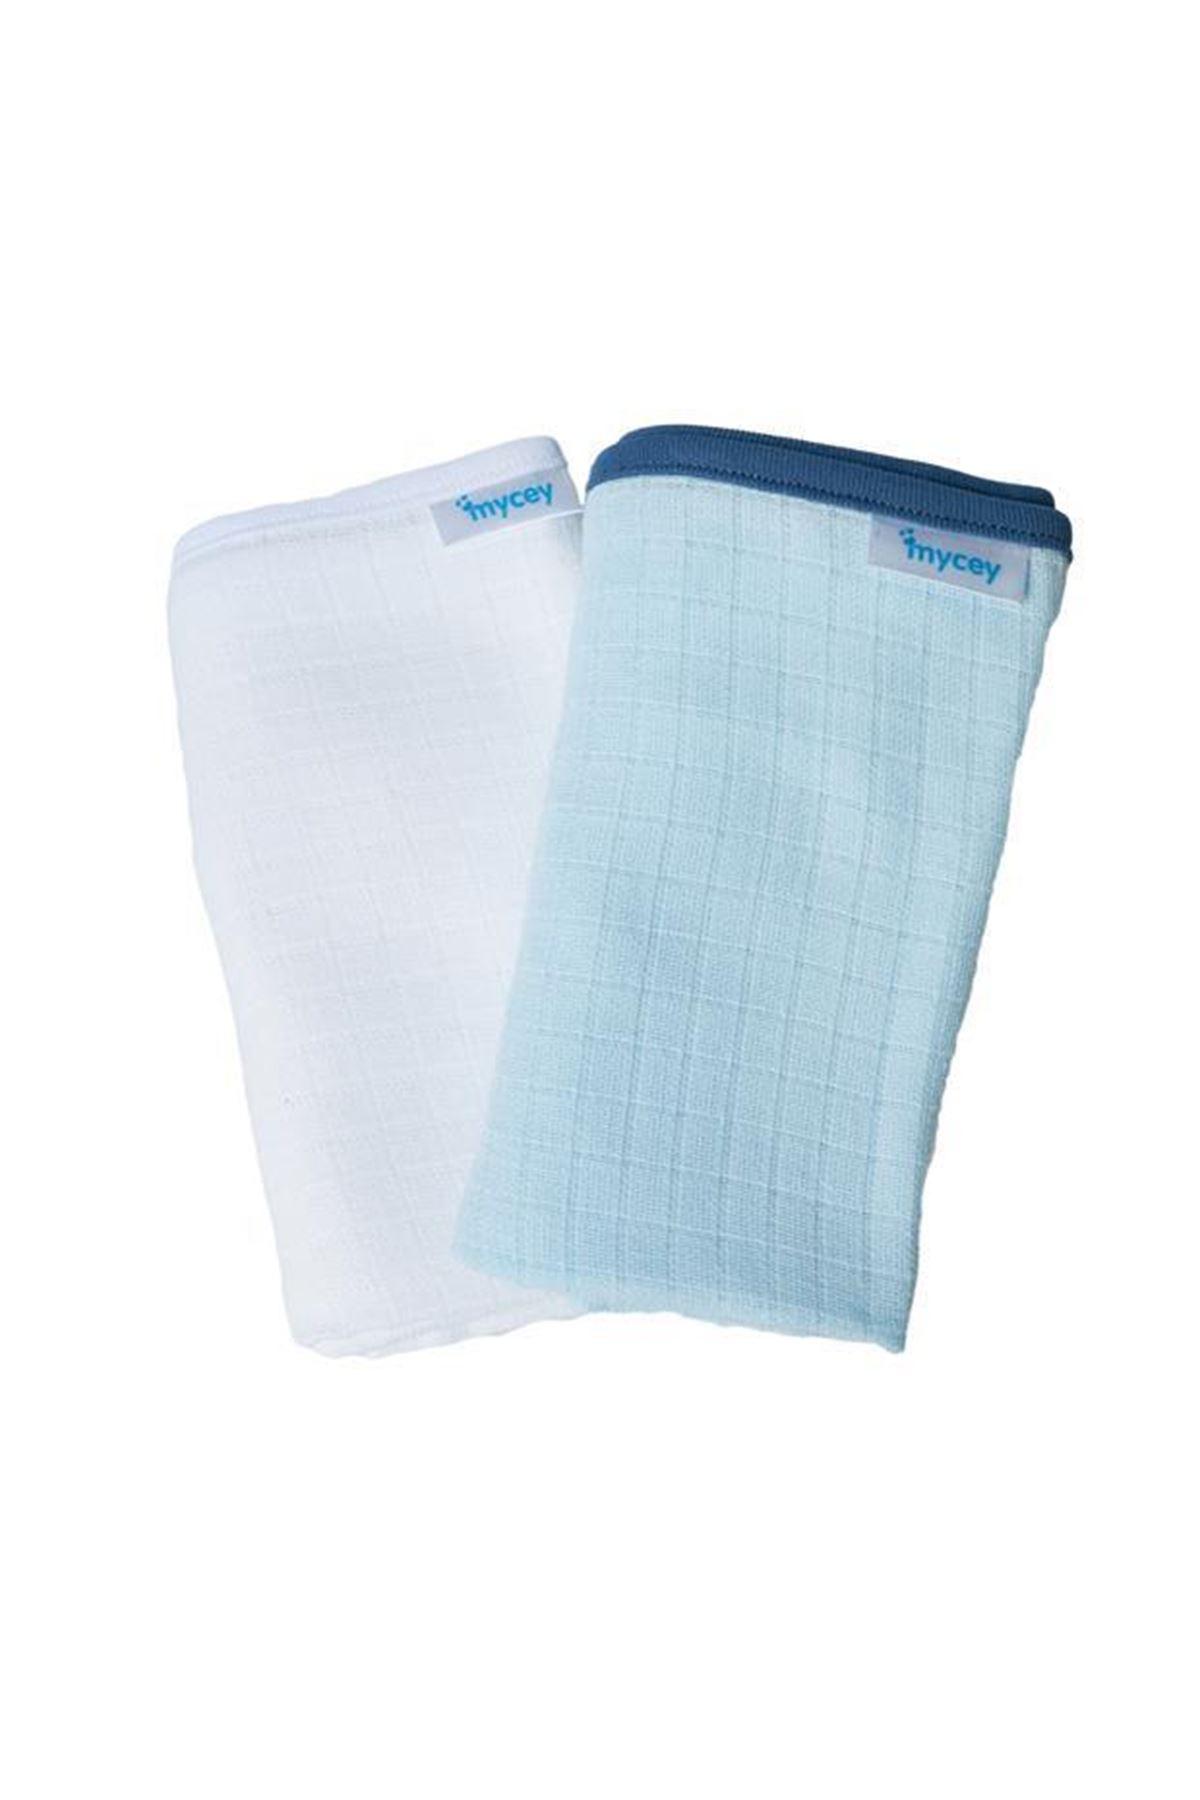 Mycey Çok Amaçlı Örtü Müslin Kumaş 2li Set Mavi-Beyaz